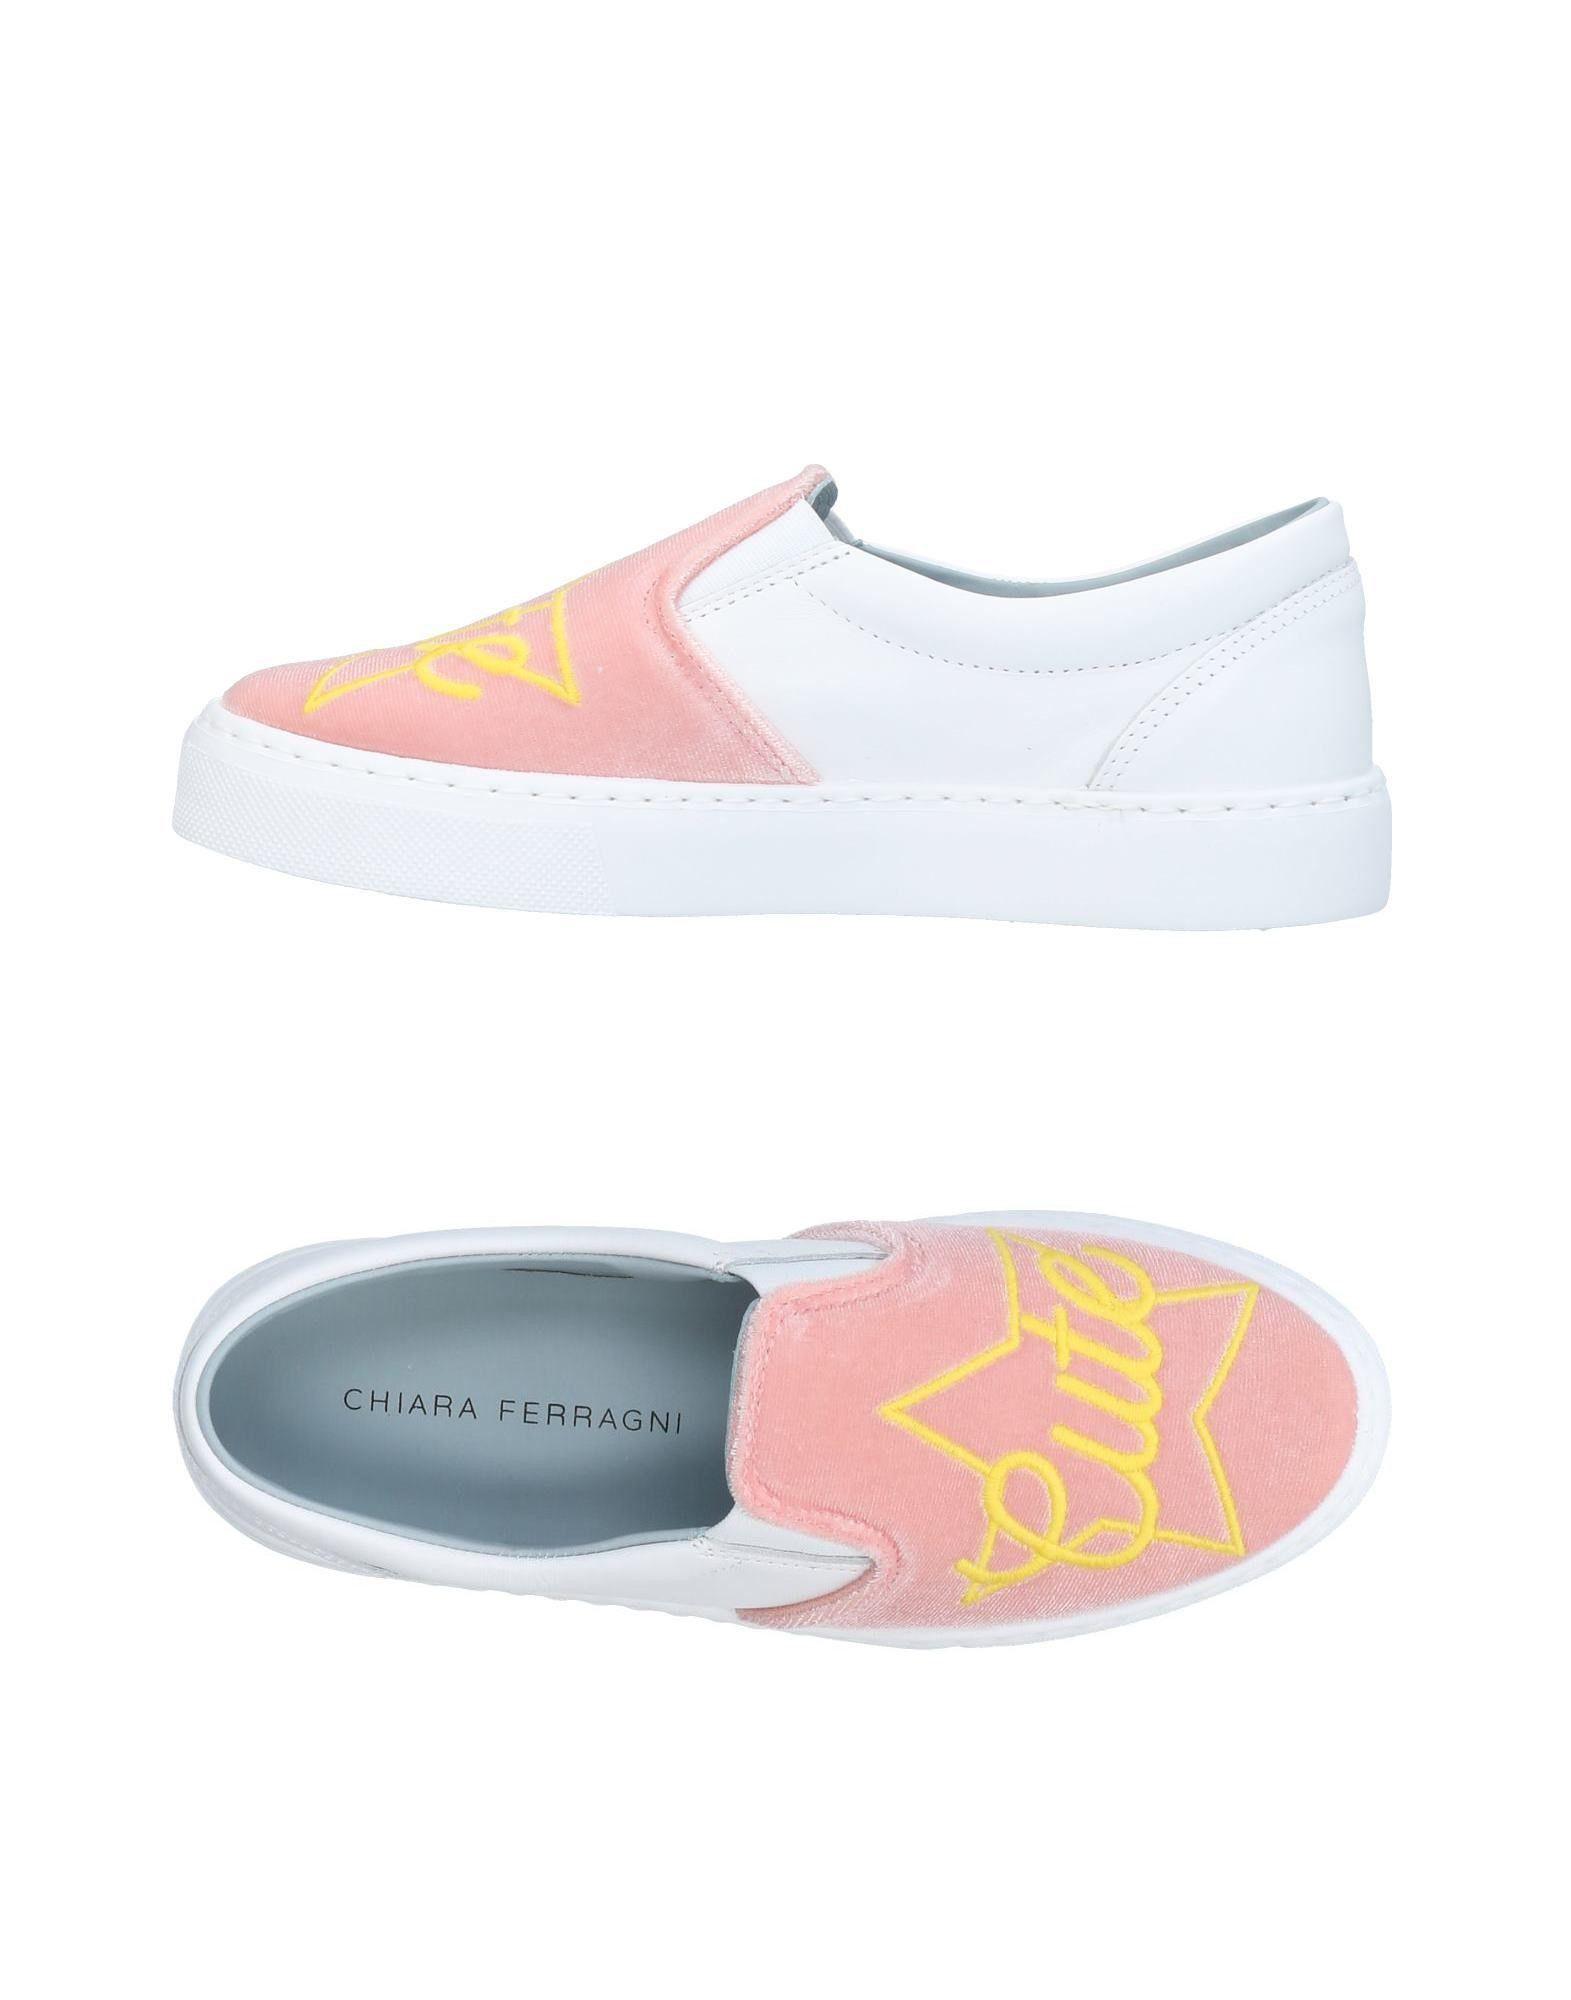 Gut um billige Schuhe  zu tragenChiara Ferragni Sneakers Damen  Schuhe 11452599UD 2e5689